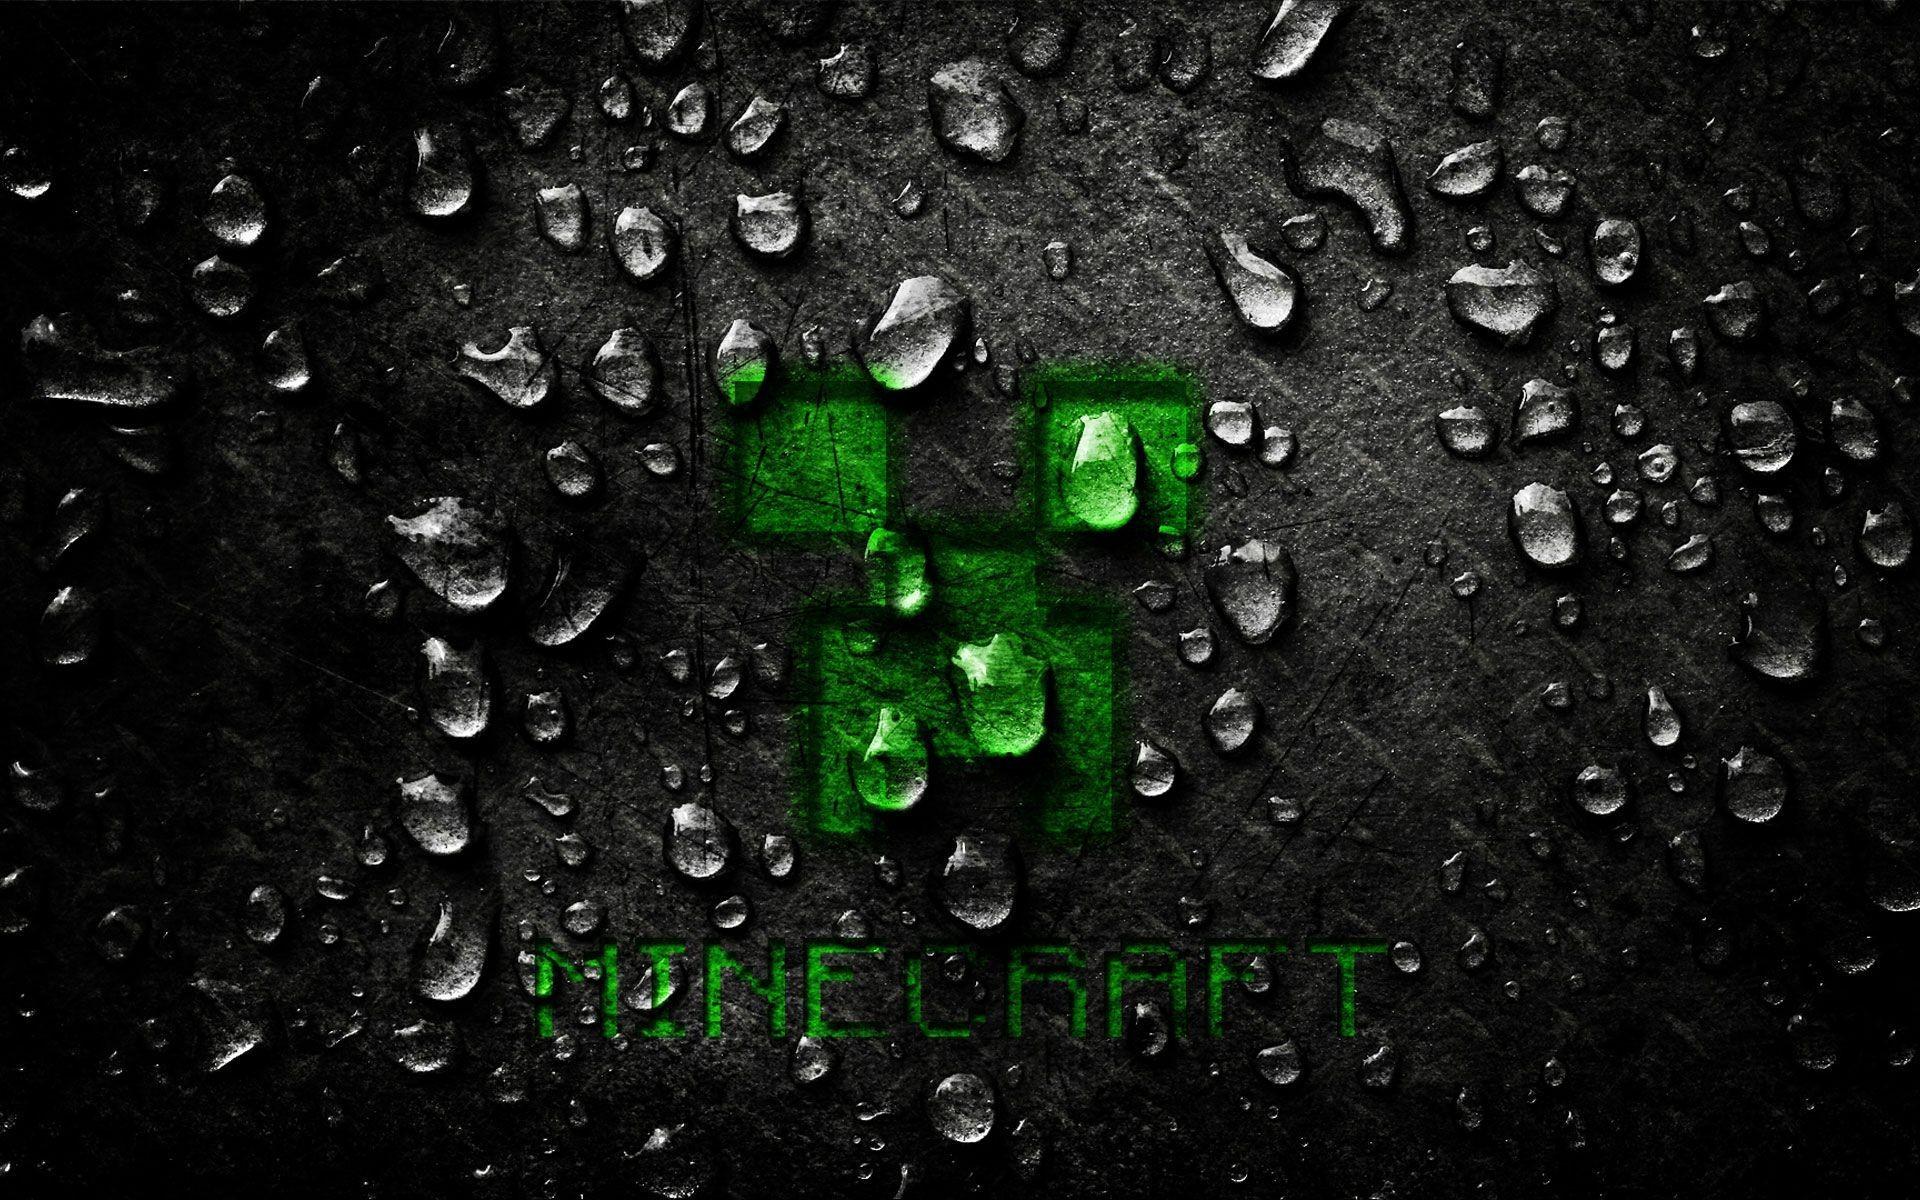 Minecraft HD desktop wallpaper Widescreen High Definition